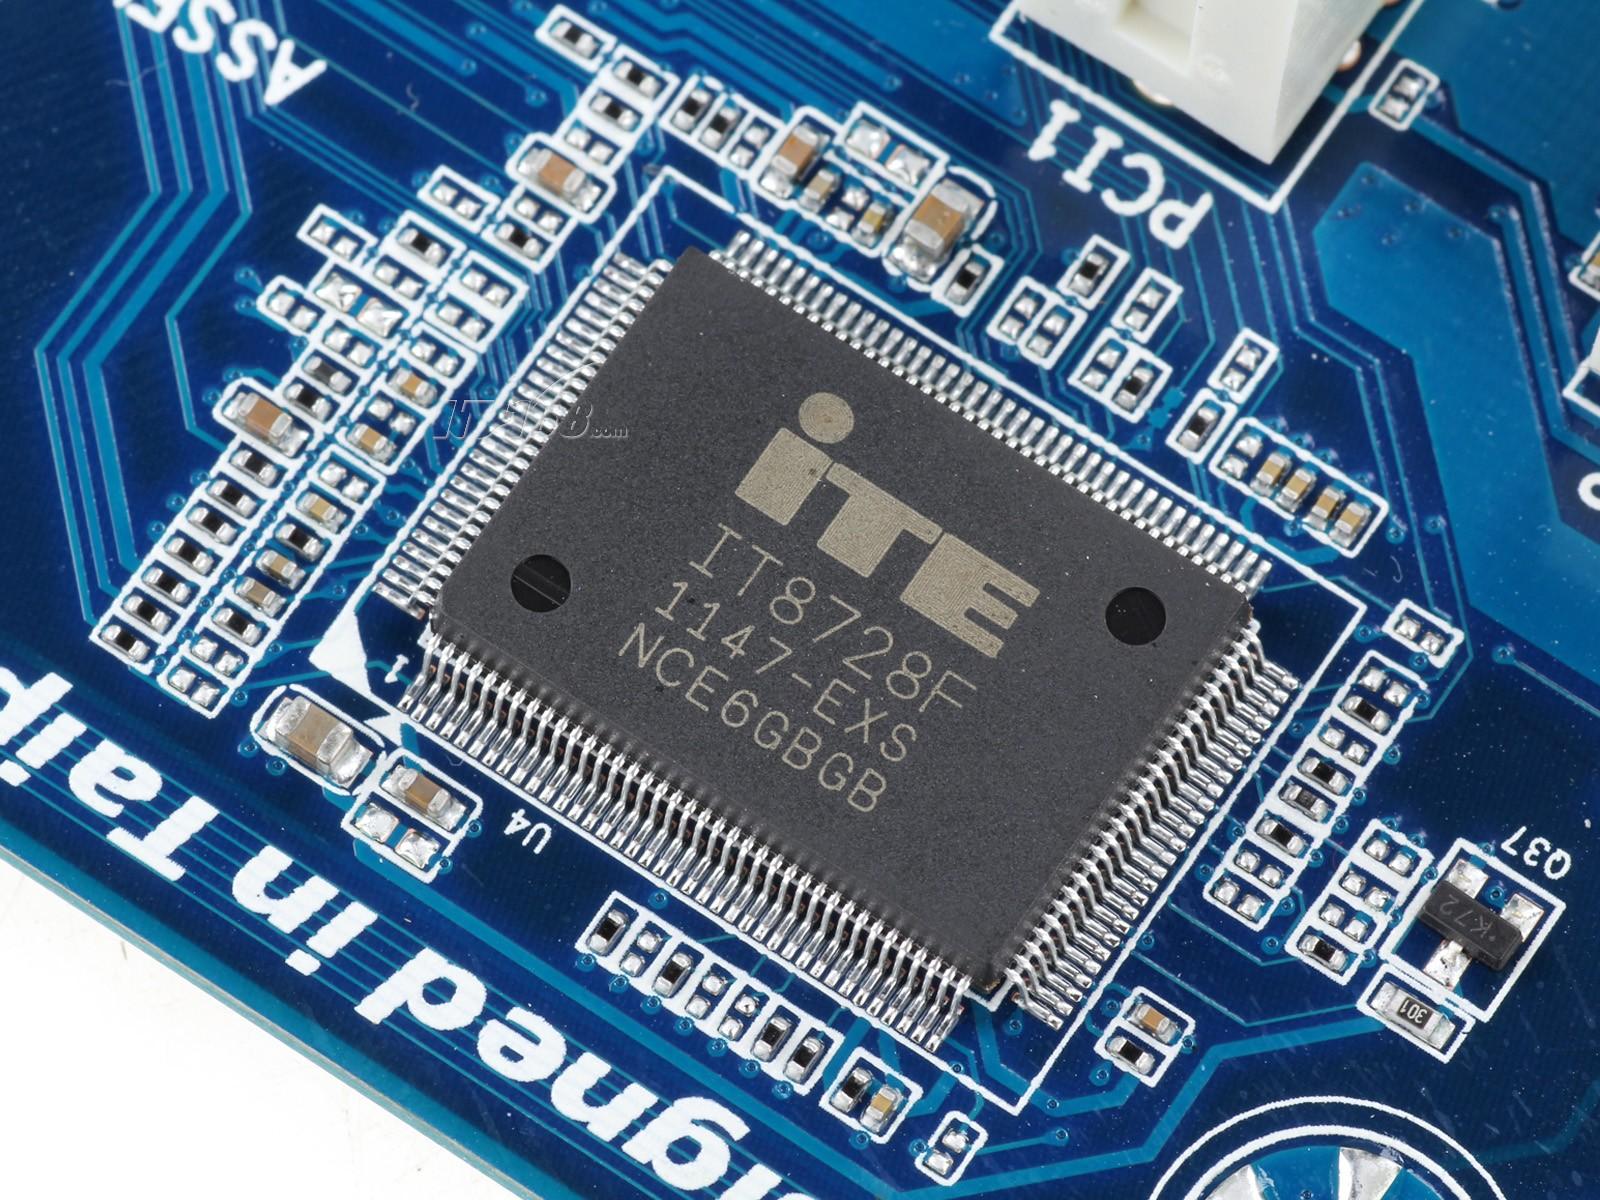 技嘉ga-970a-d3主板产品图片11